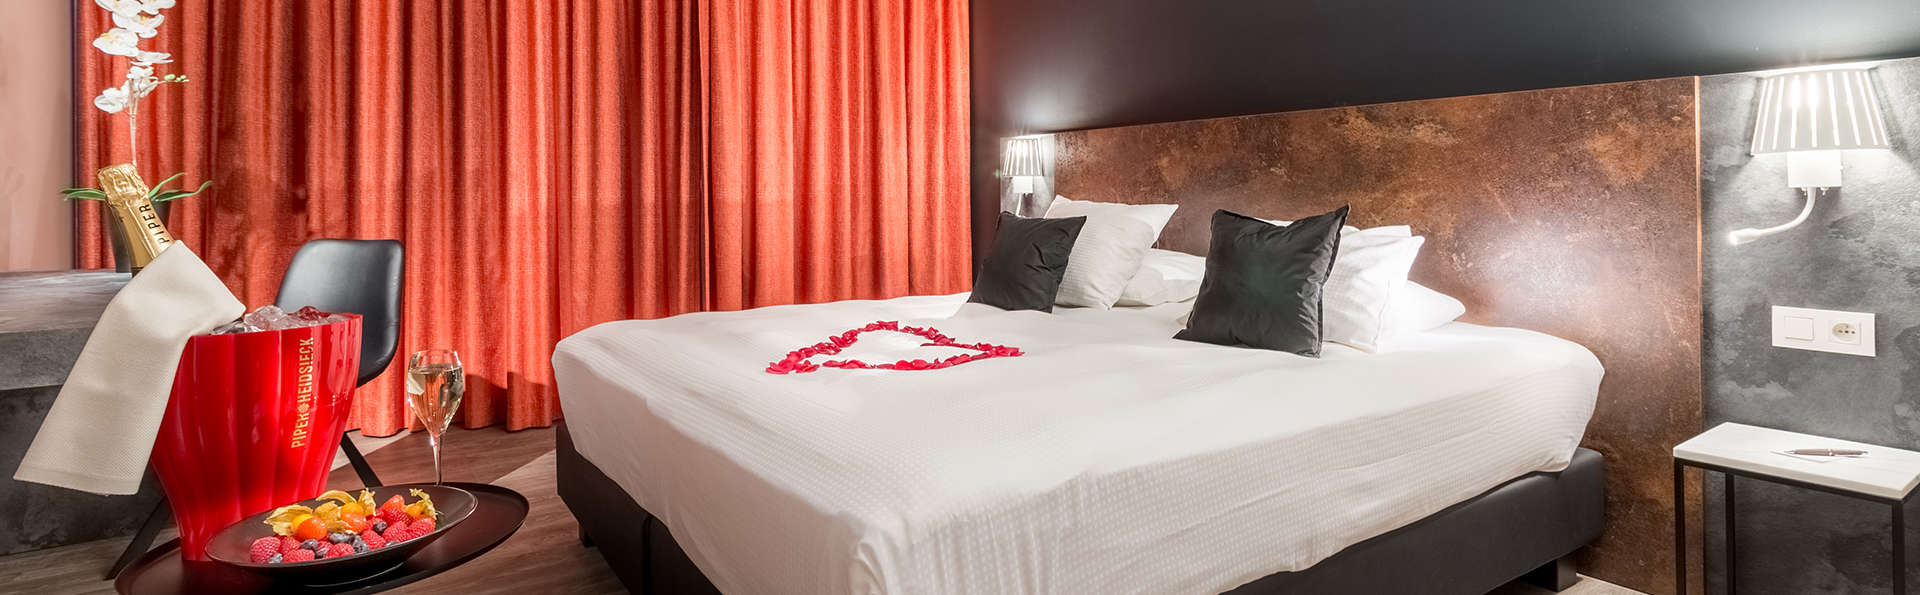 Laat je verleiden door een romantisch verblijf in Brussel